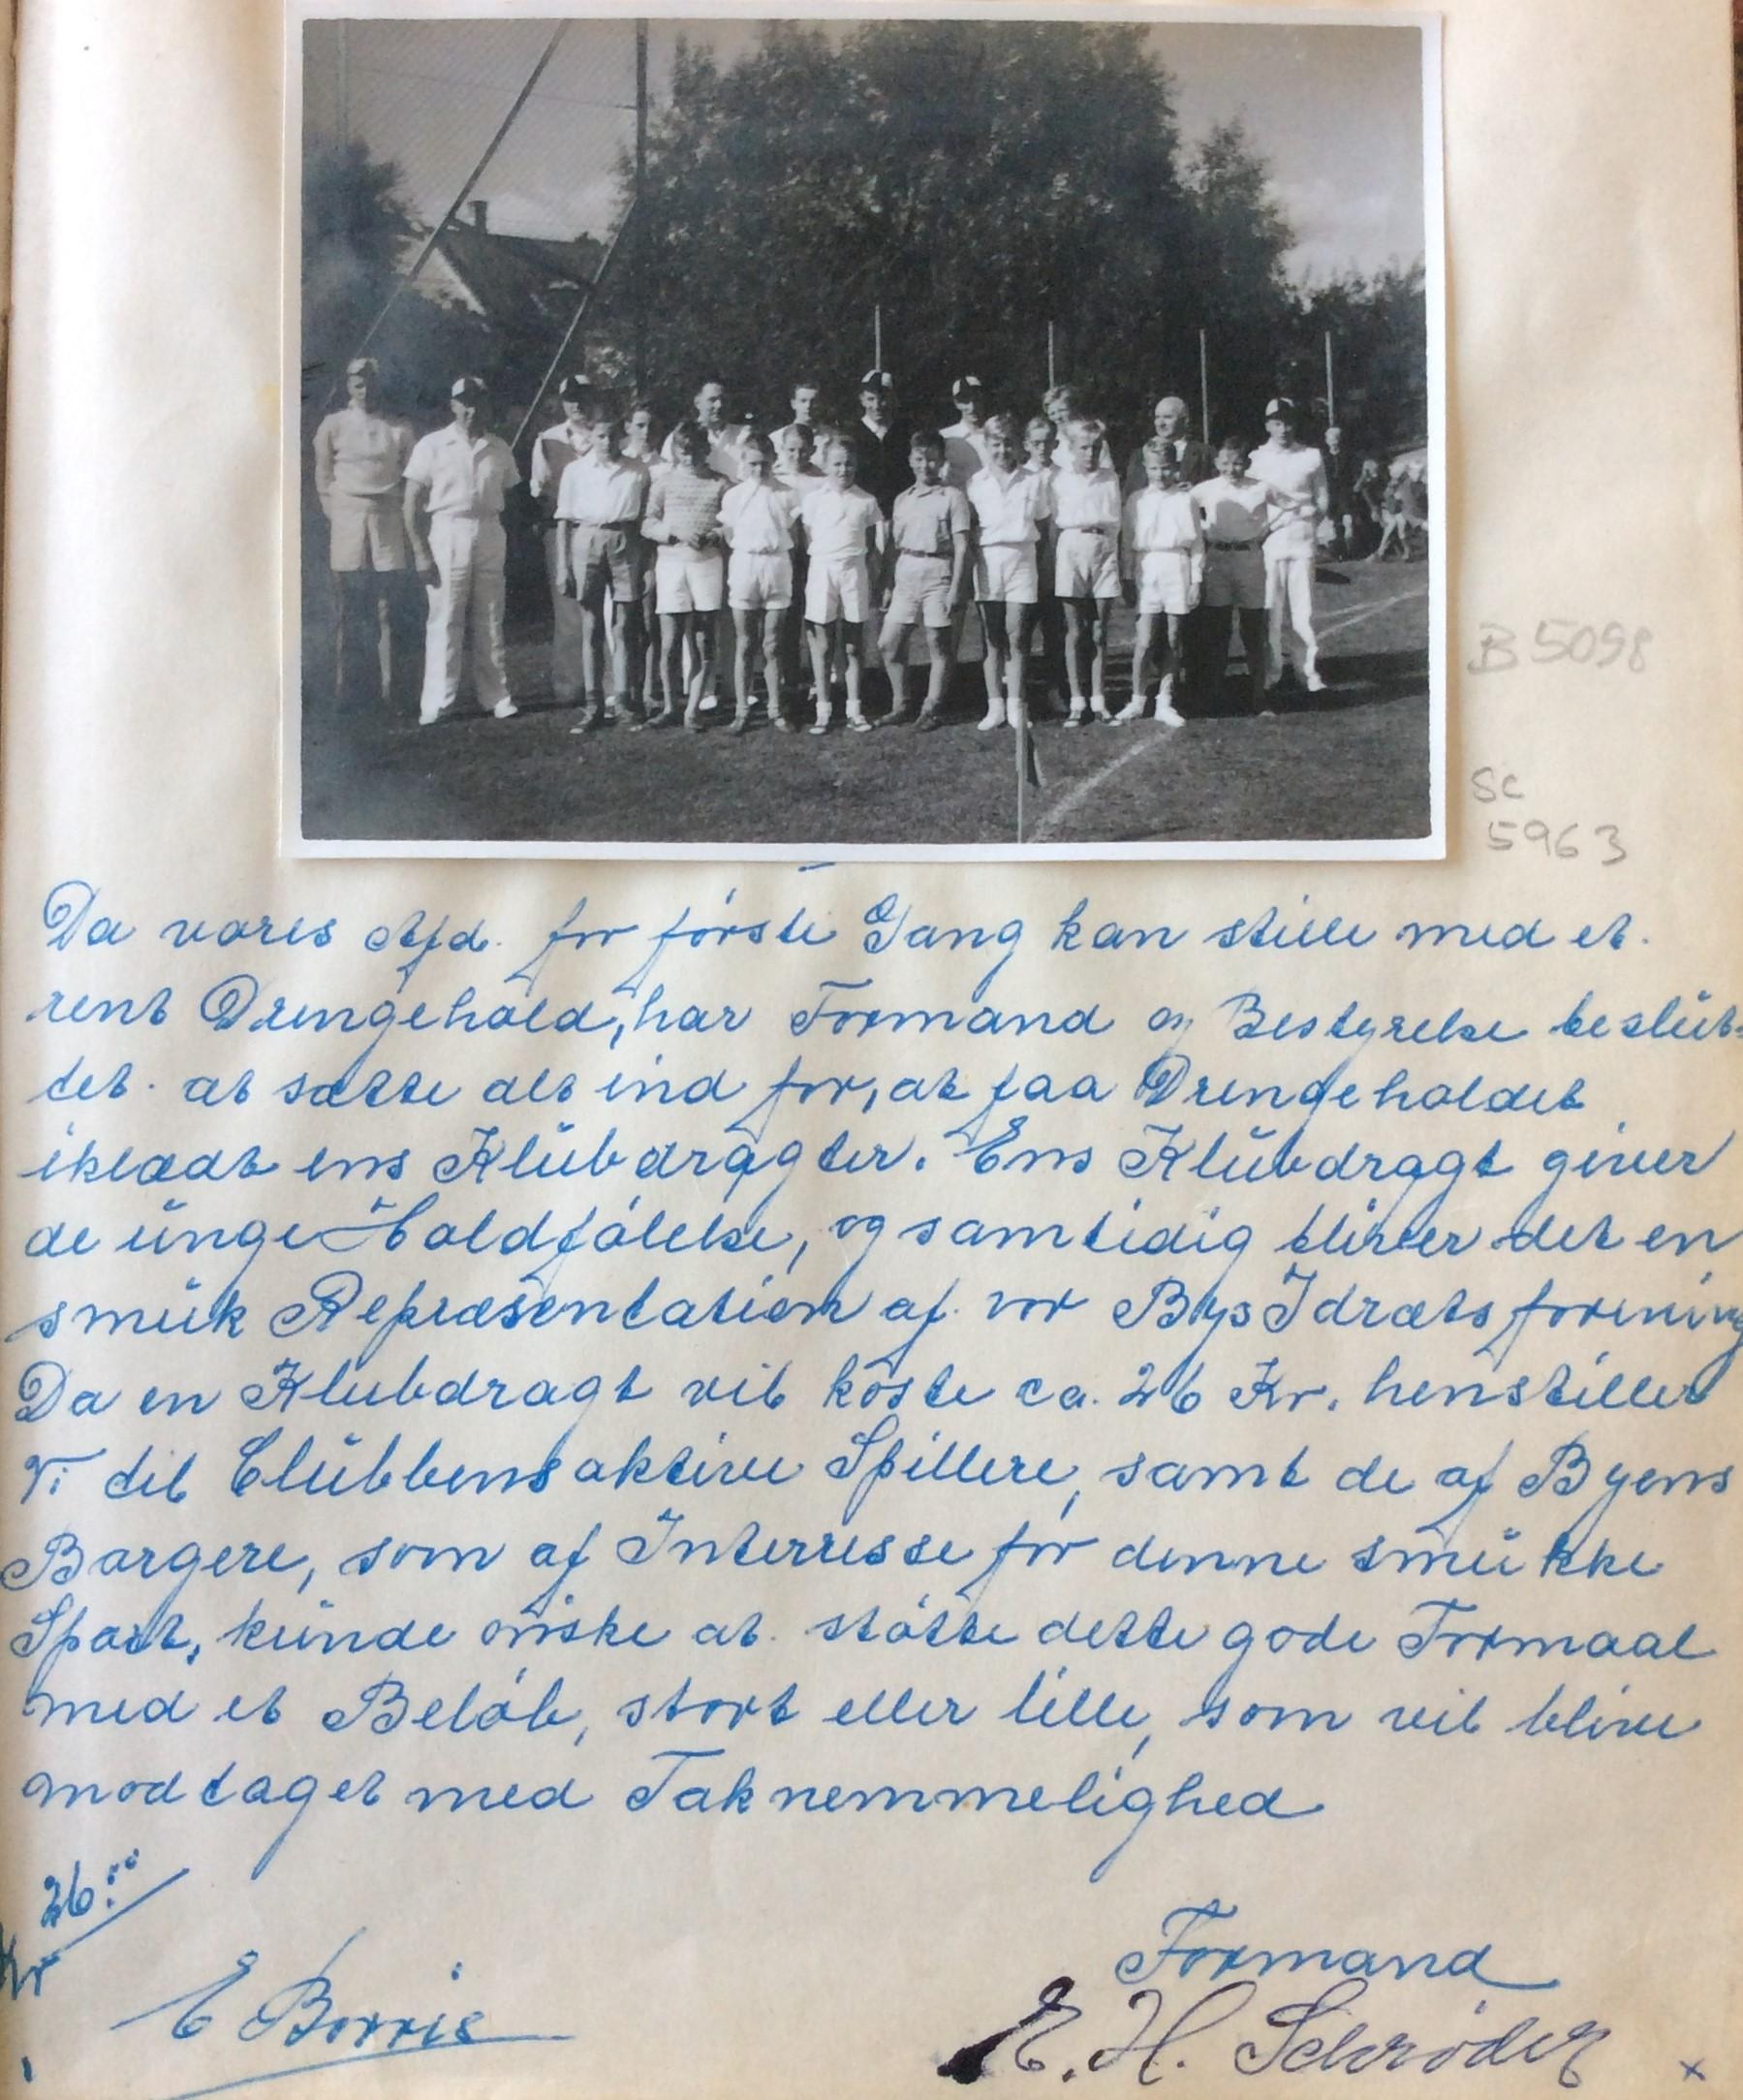 Udsnit fra indsamlingsprotokollen med holdfoto. 1953-1954